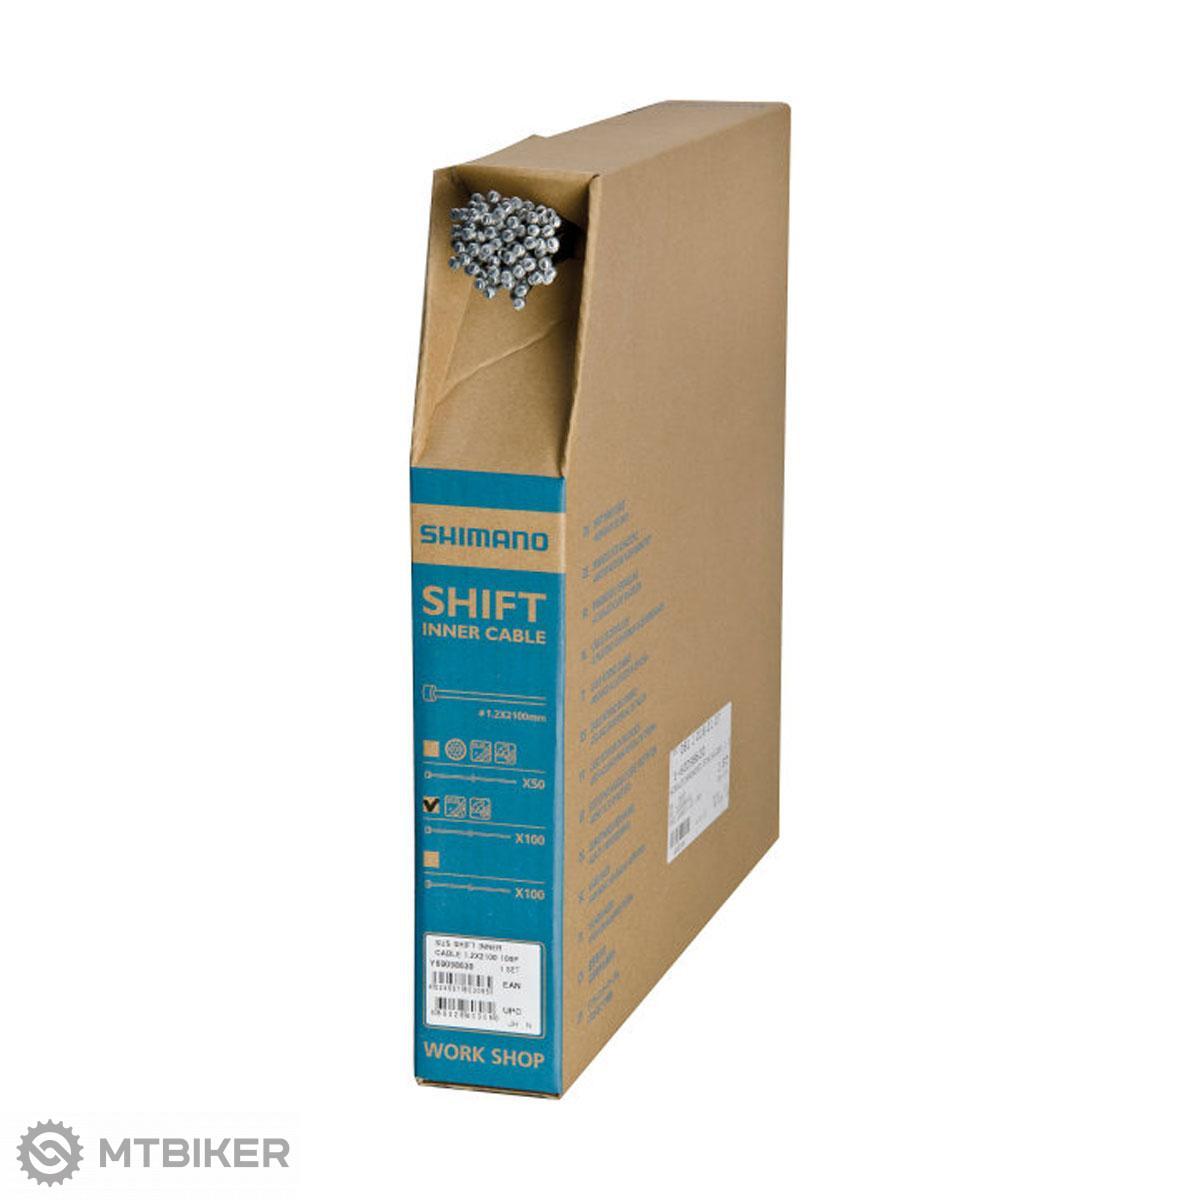 Shimano lanko radiace 1,2x2100 mm nerezové